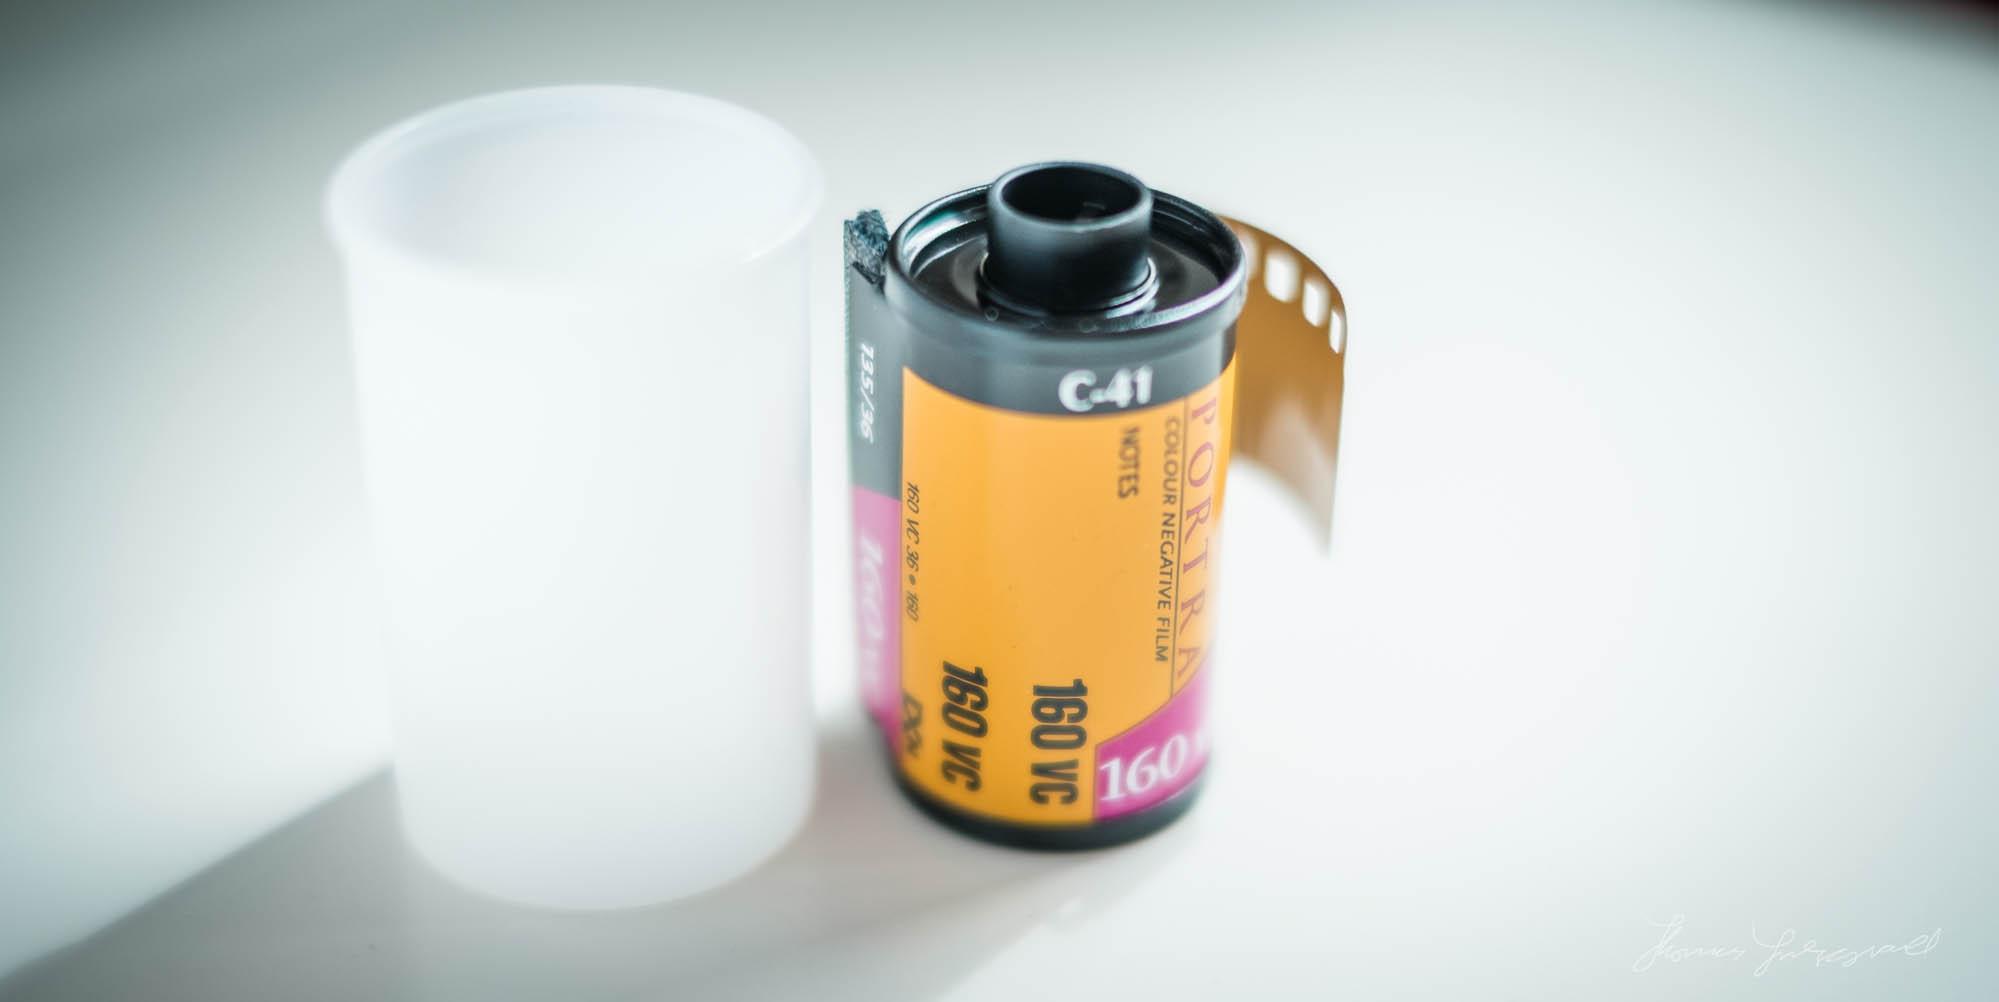 Kodak-Porta 160